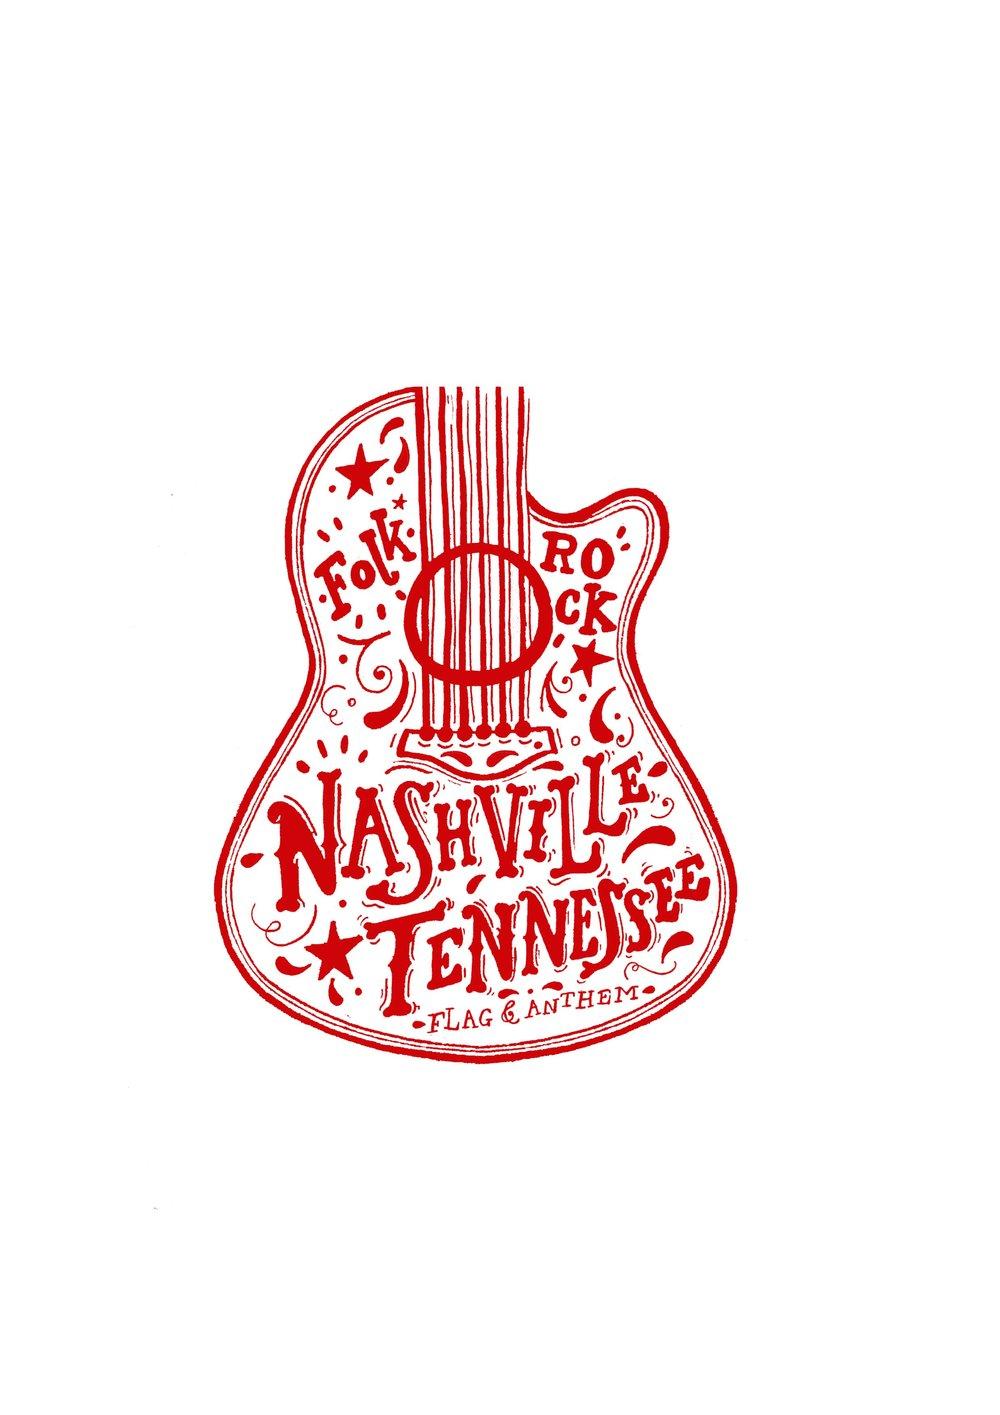 Folk Rock Nashville Tennessee - Nashville Typographic Illustration for Flag & Anthem Clothing,2016.